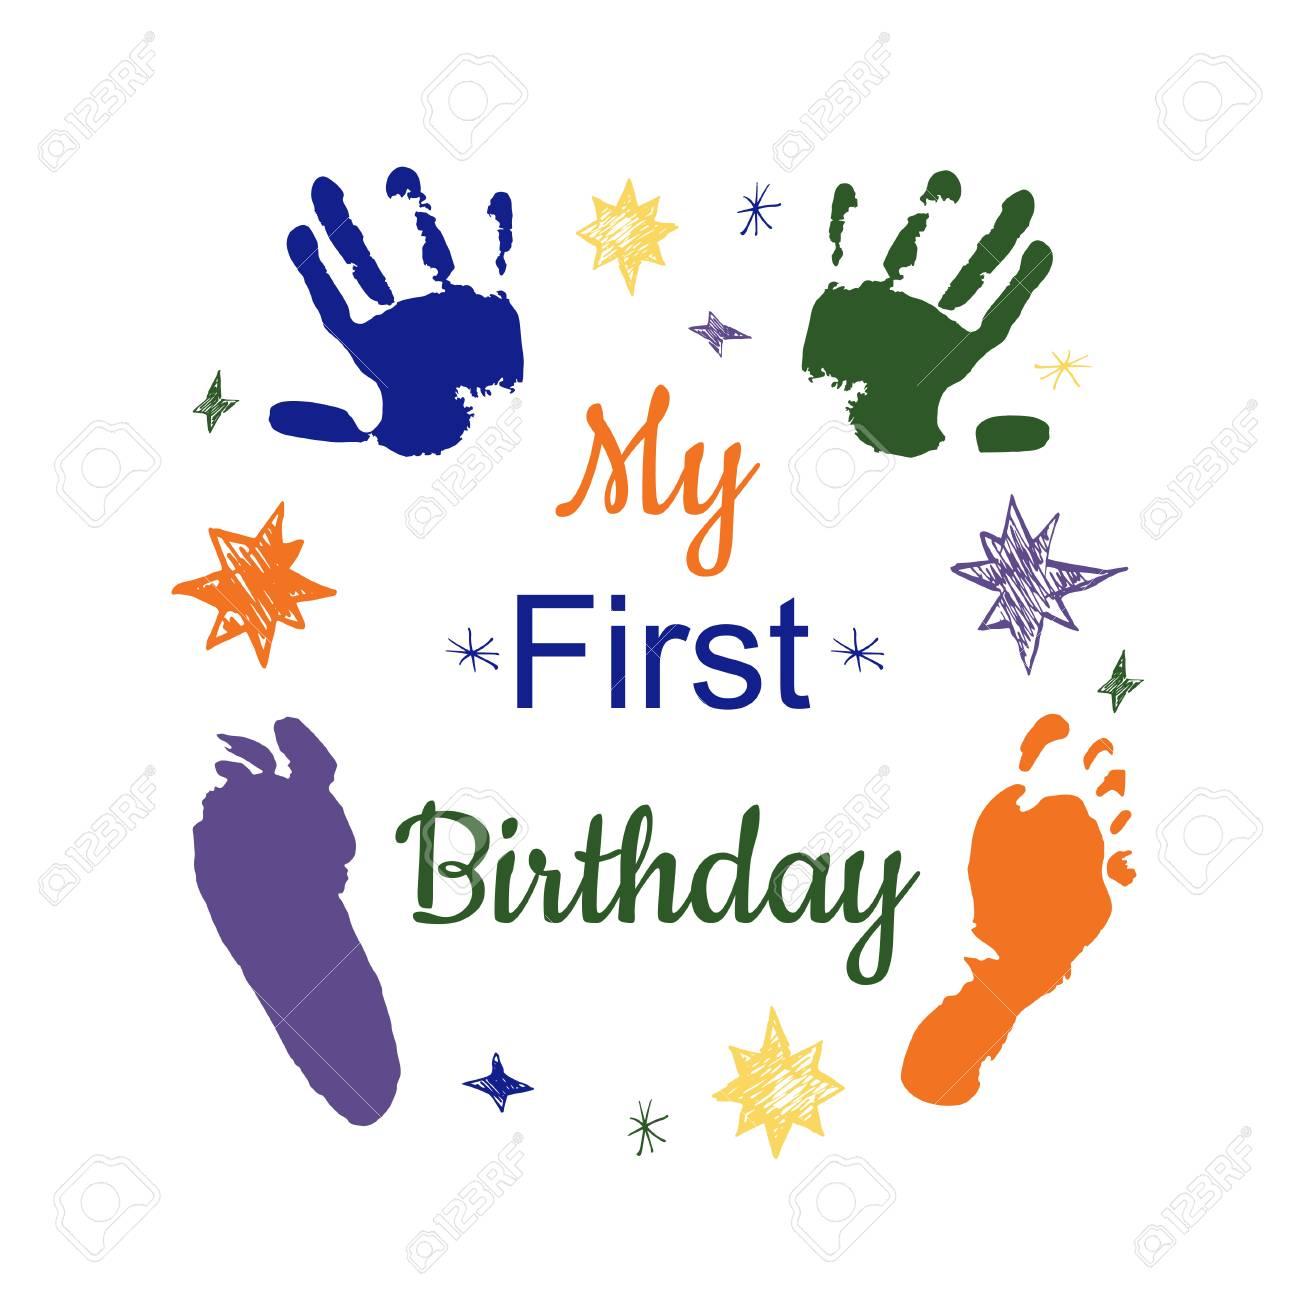 Mijn Eerste Verjaardag Concept Kleurrijke Voetafdruk En Hand